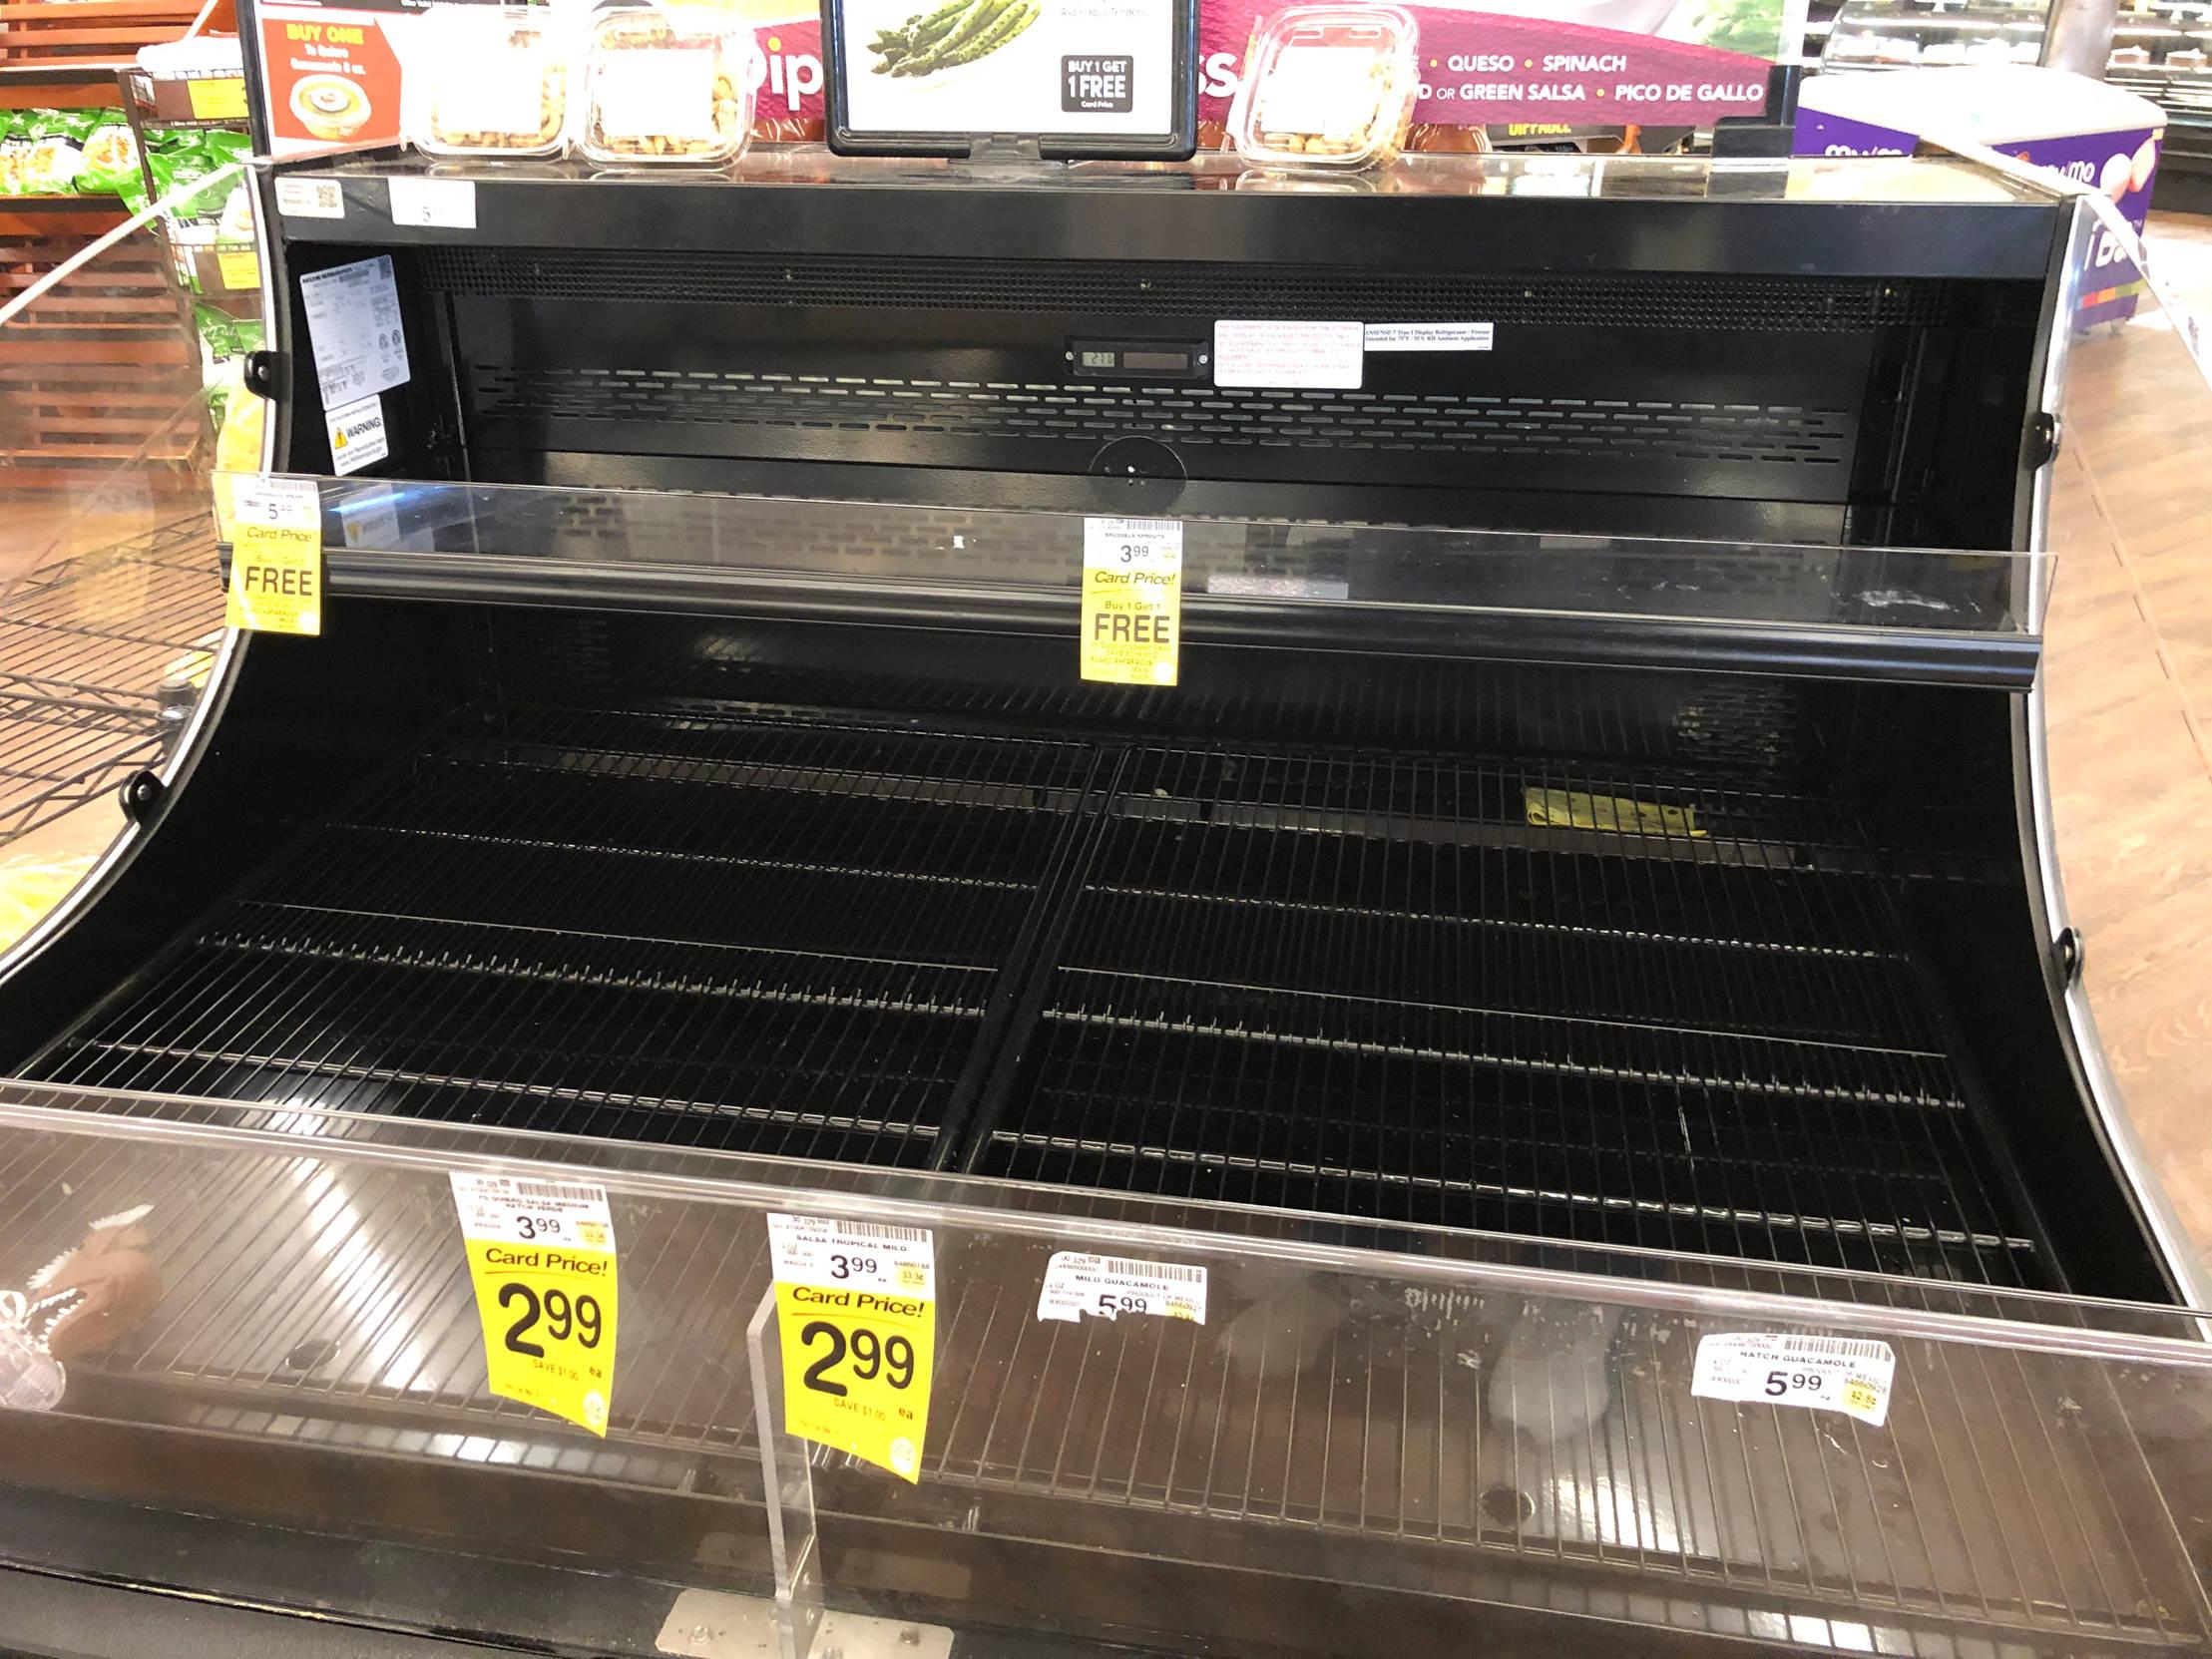 德克萨斯:一个空荡荡的超市